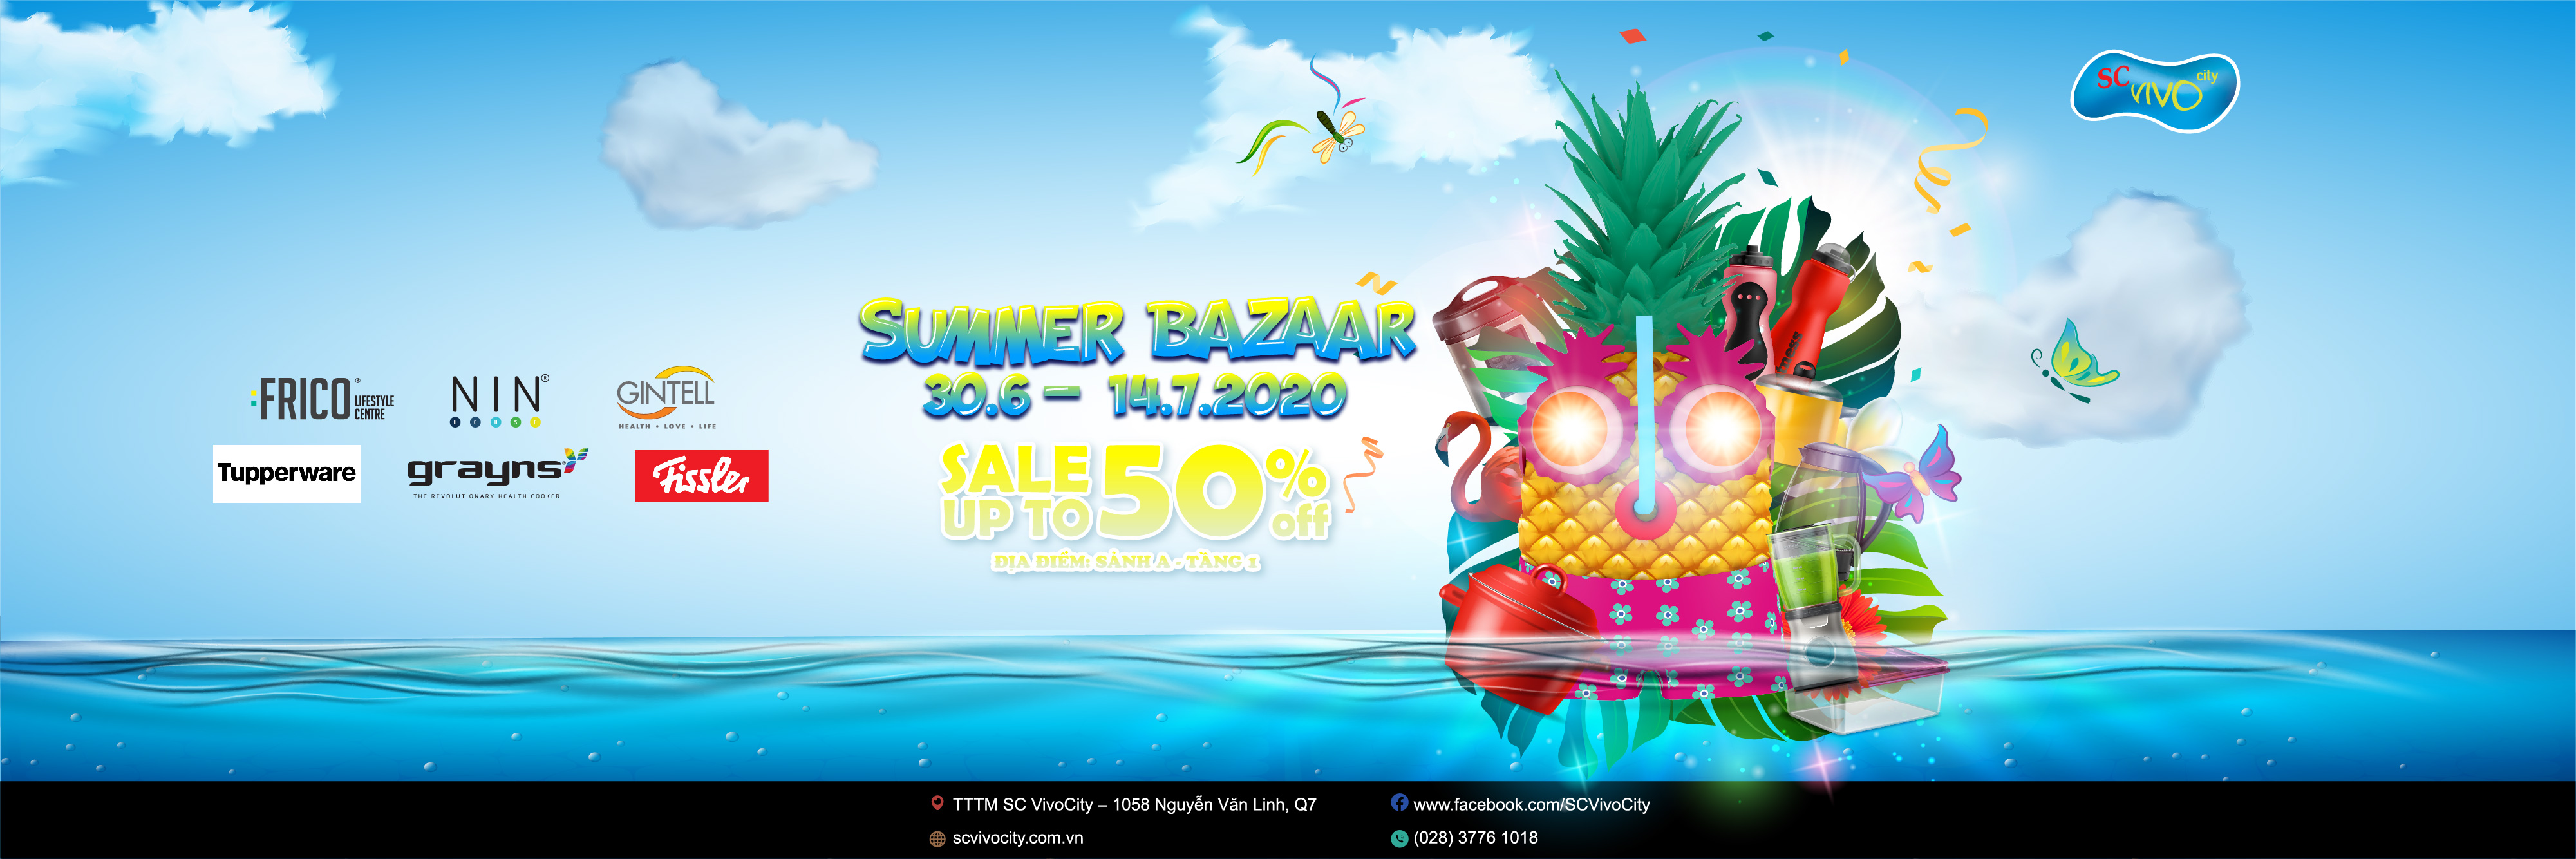 Summer Fair - 2